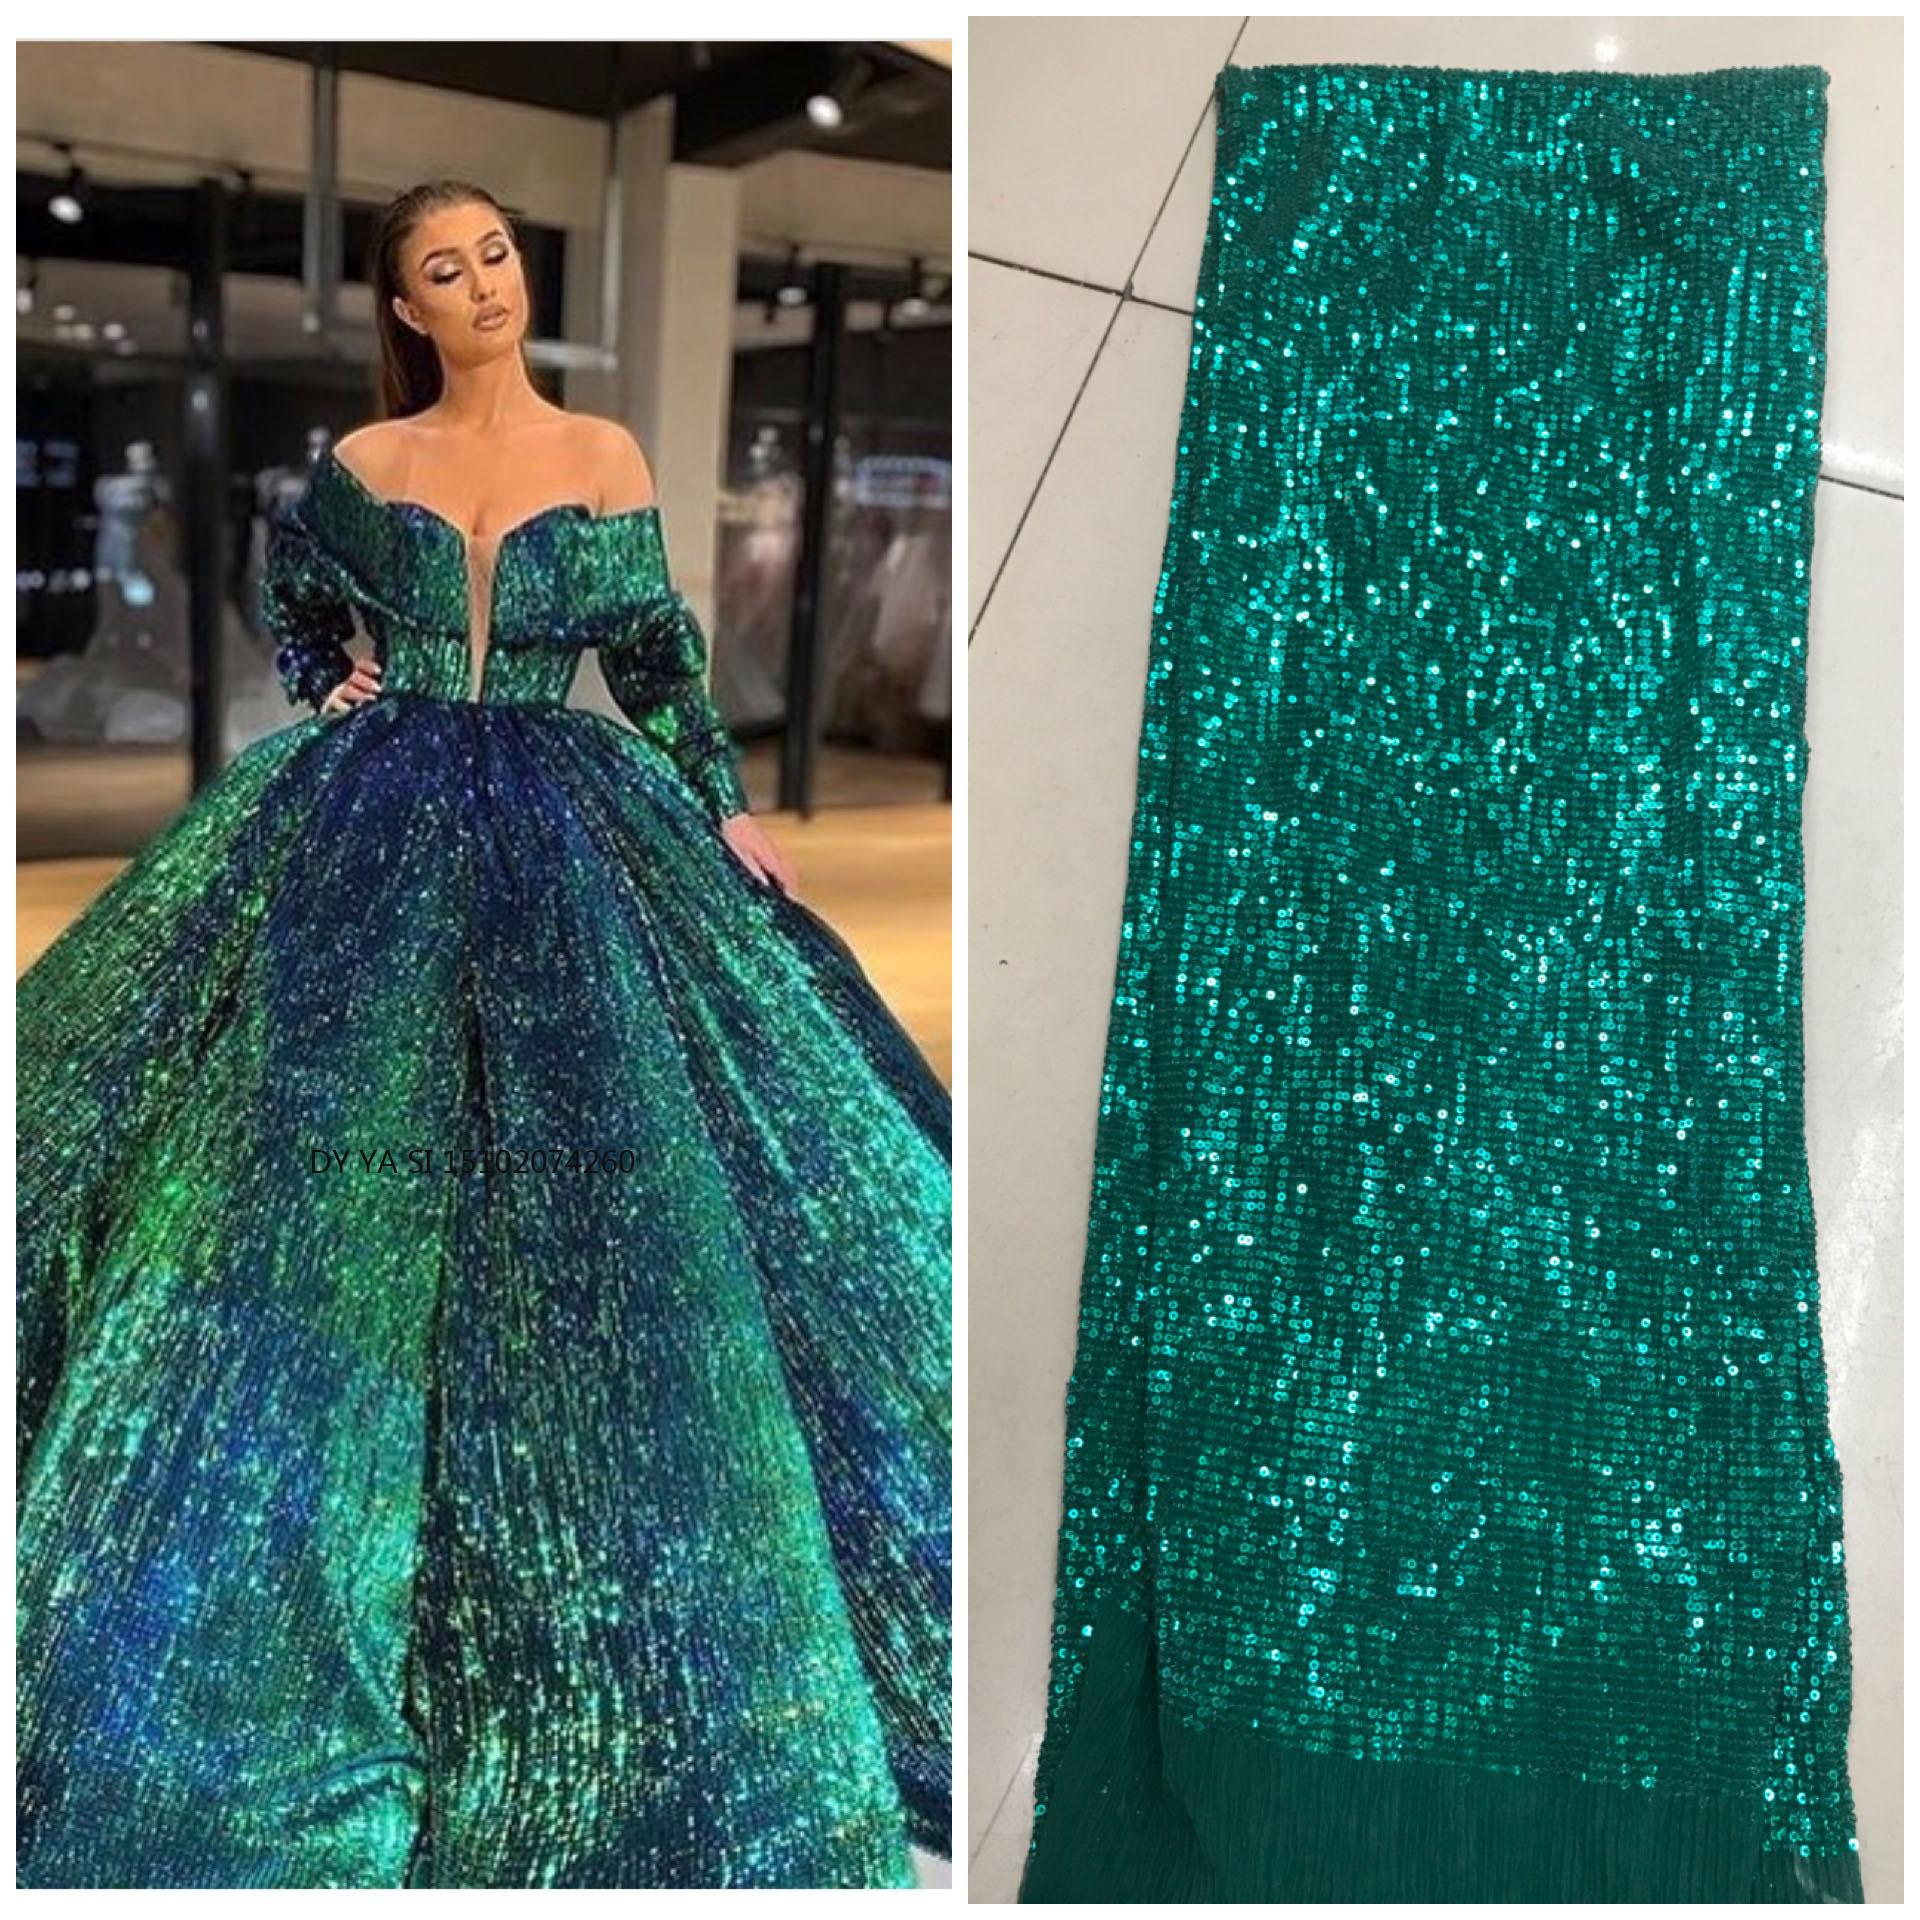 Tissu imprimé nigérian en dentelle à paillettes, mousseline plissée, 3 yards, pour femmes, 2019, DYSZP26